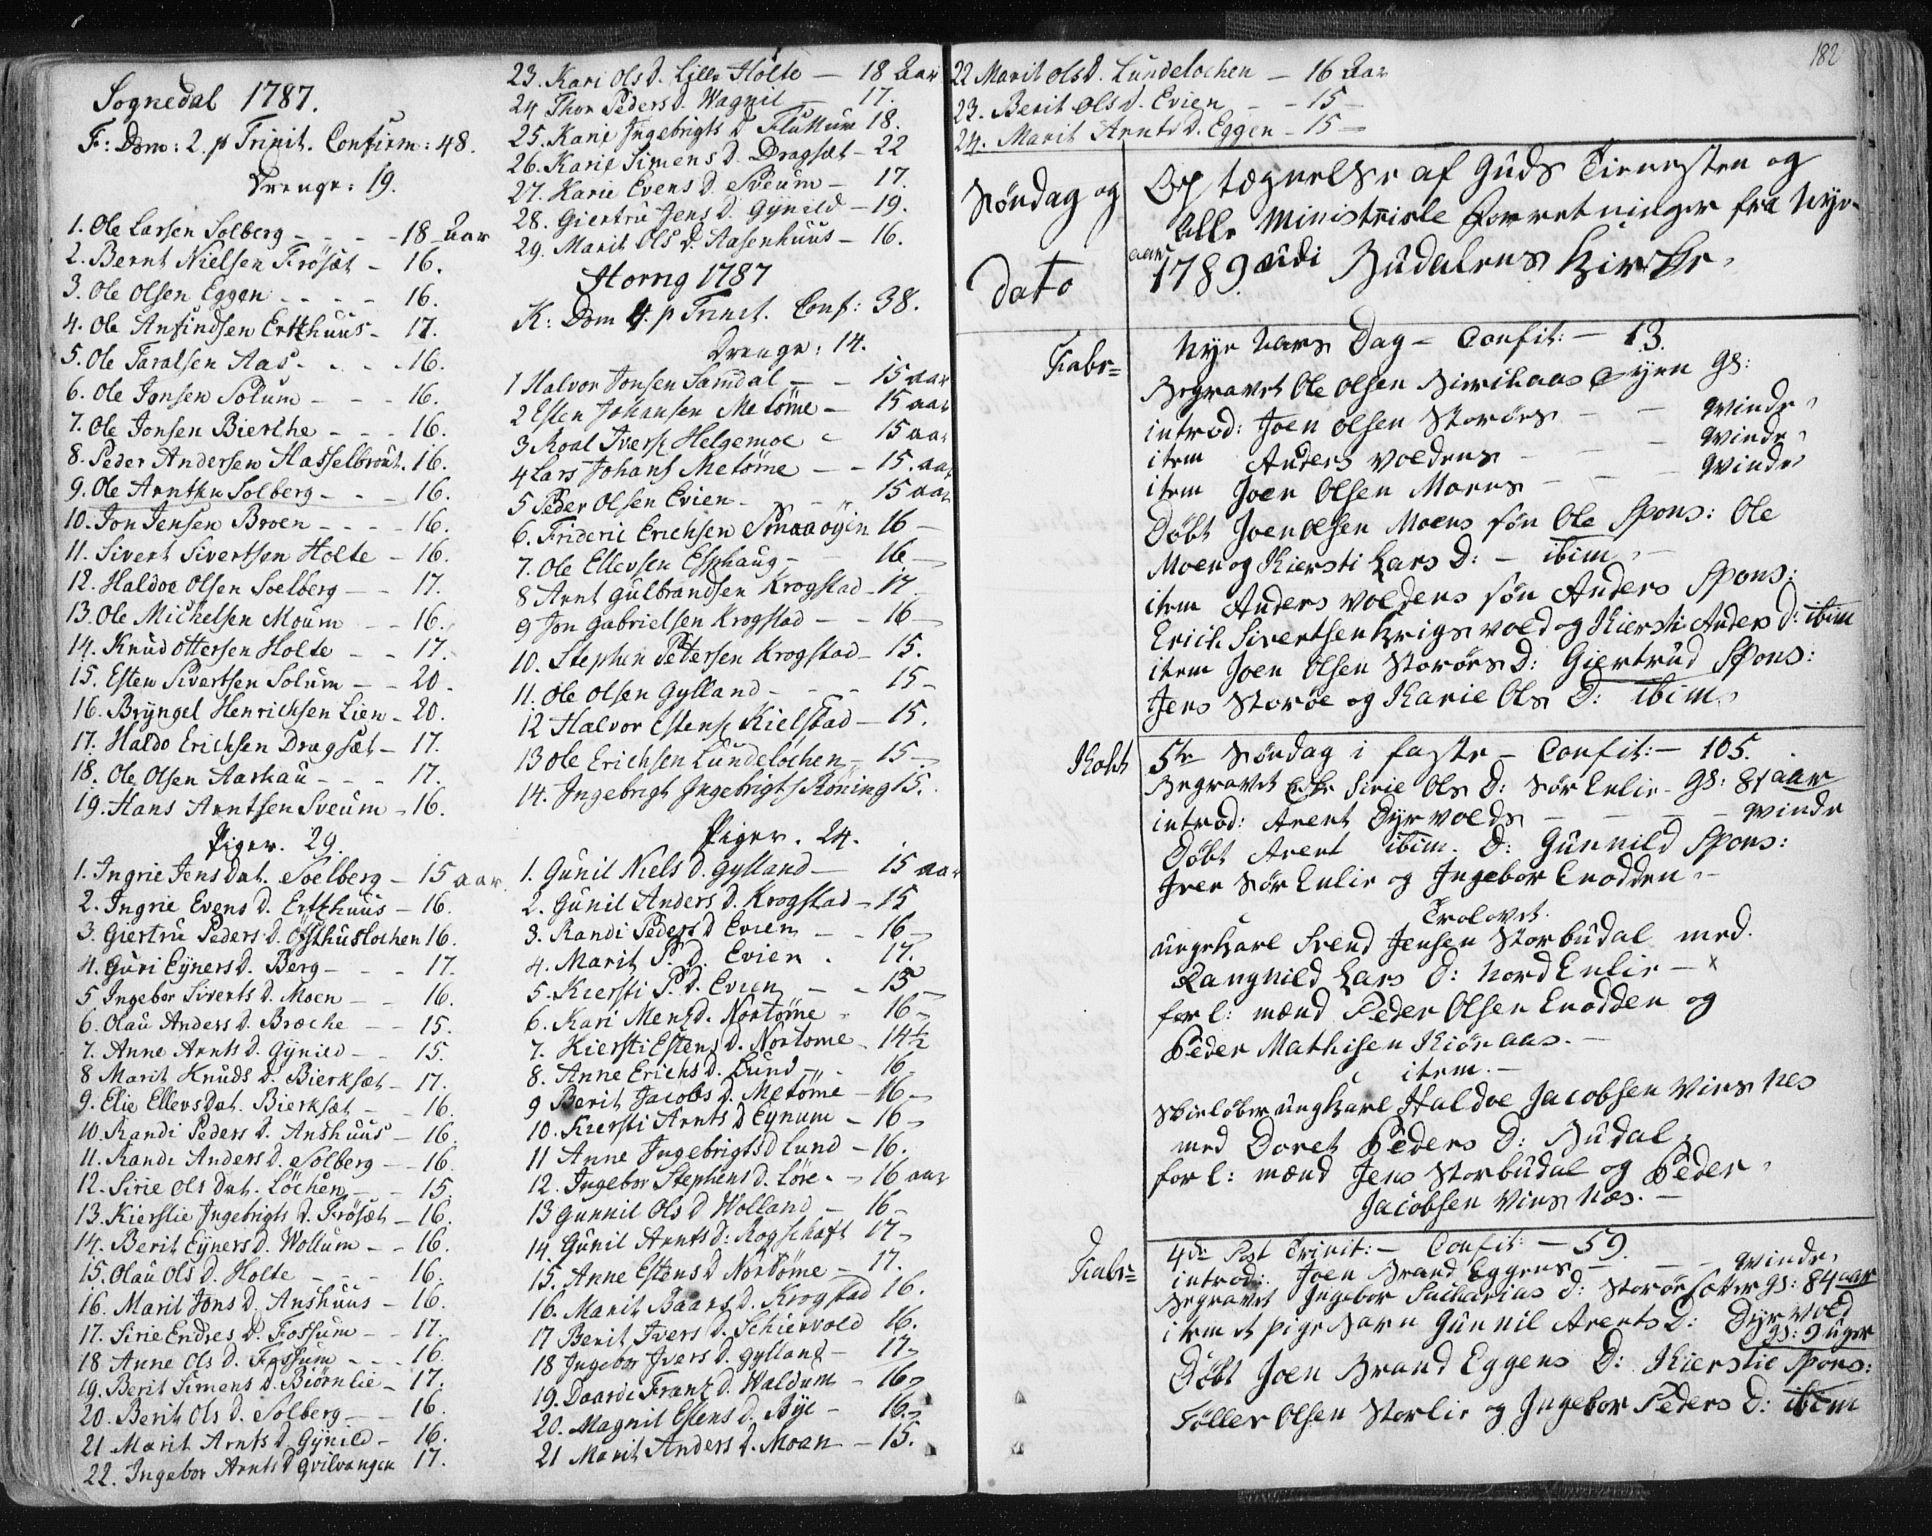 SAT, Ministerialprotokoller, klokkerbøker og fødselsregistre - Sør-Trøndelag, 687/L0991: Ministerialbok nr. 687A02, 1747-1790, s. 182